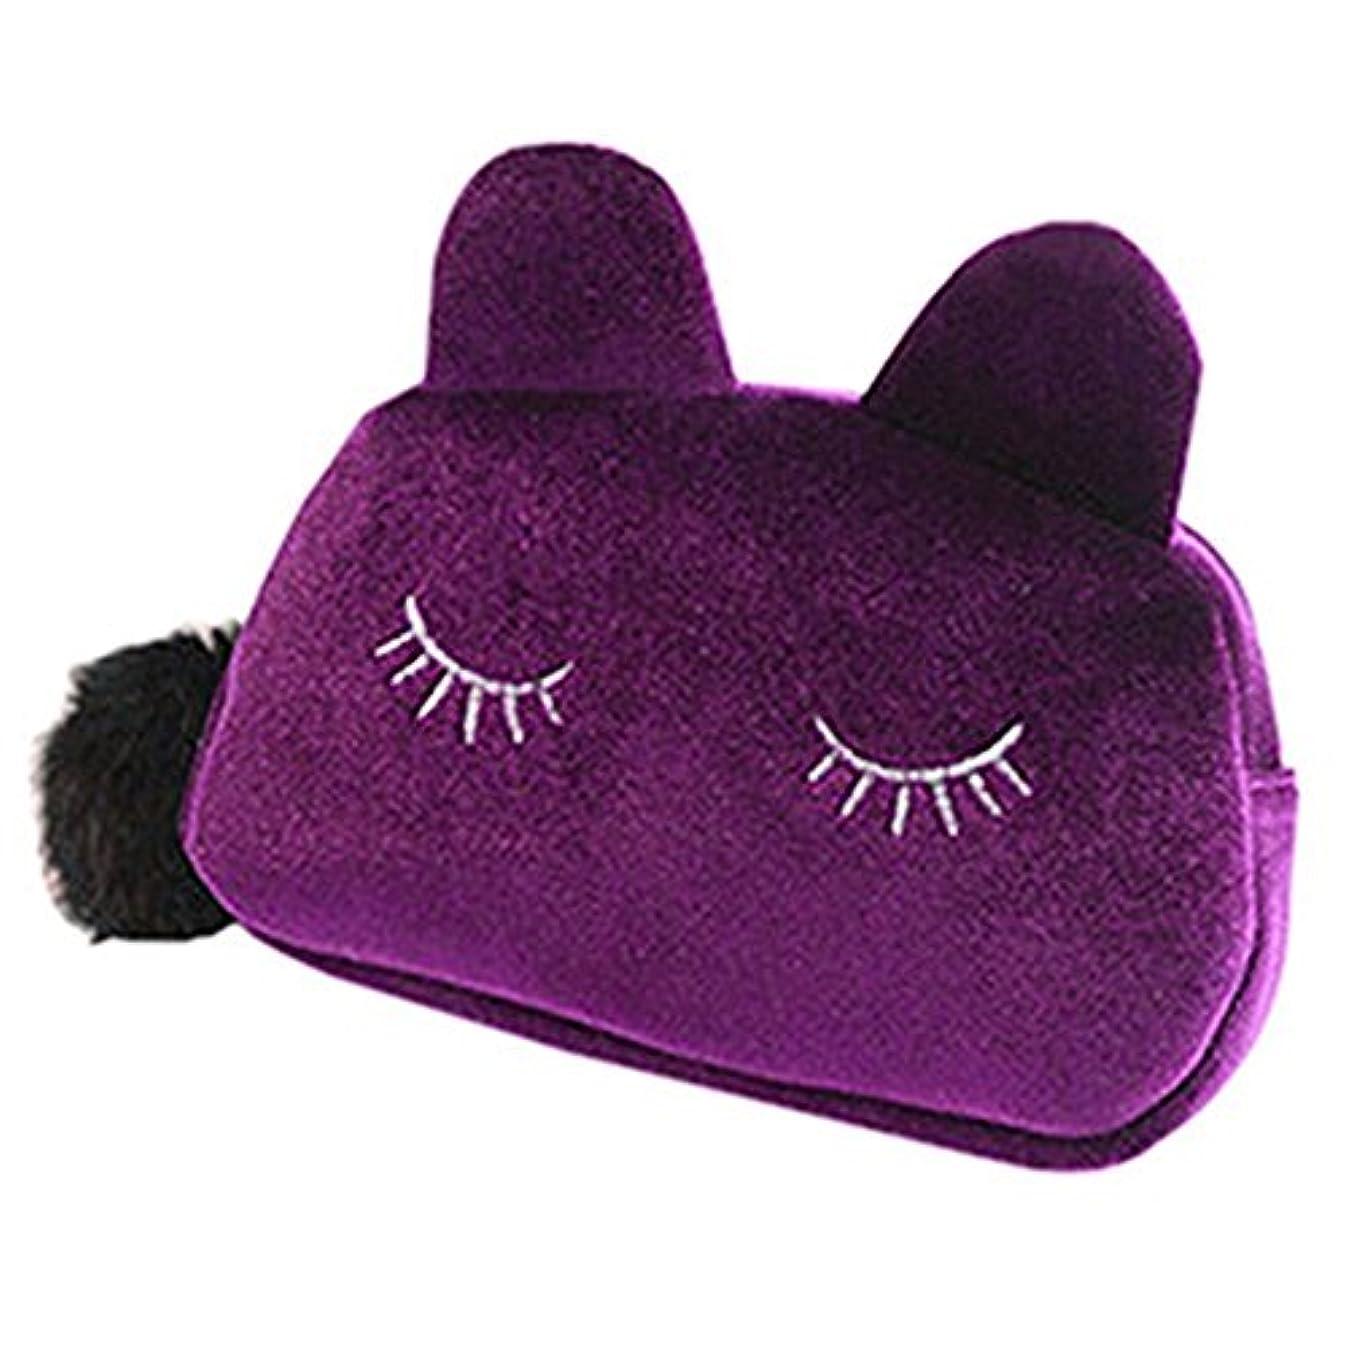 はぁにじみ出るショッピングセンター猫耳 化粧 コスメ ポーチ 小物入れ ペンケース かわいい 猫 ねこ にゃんこ メイクポーチ レディース